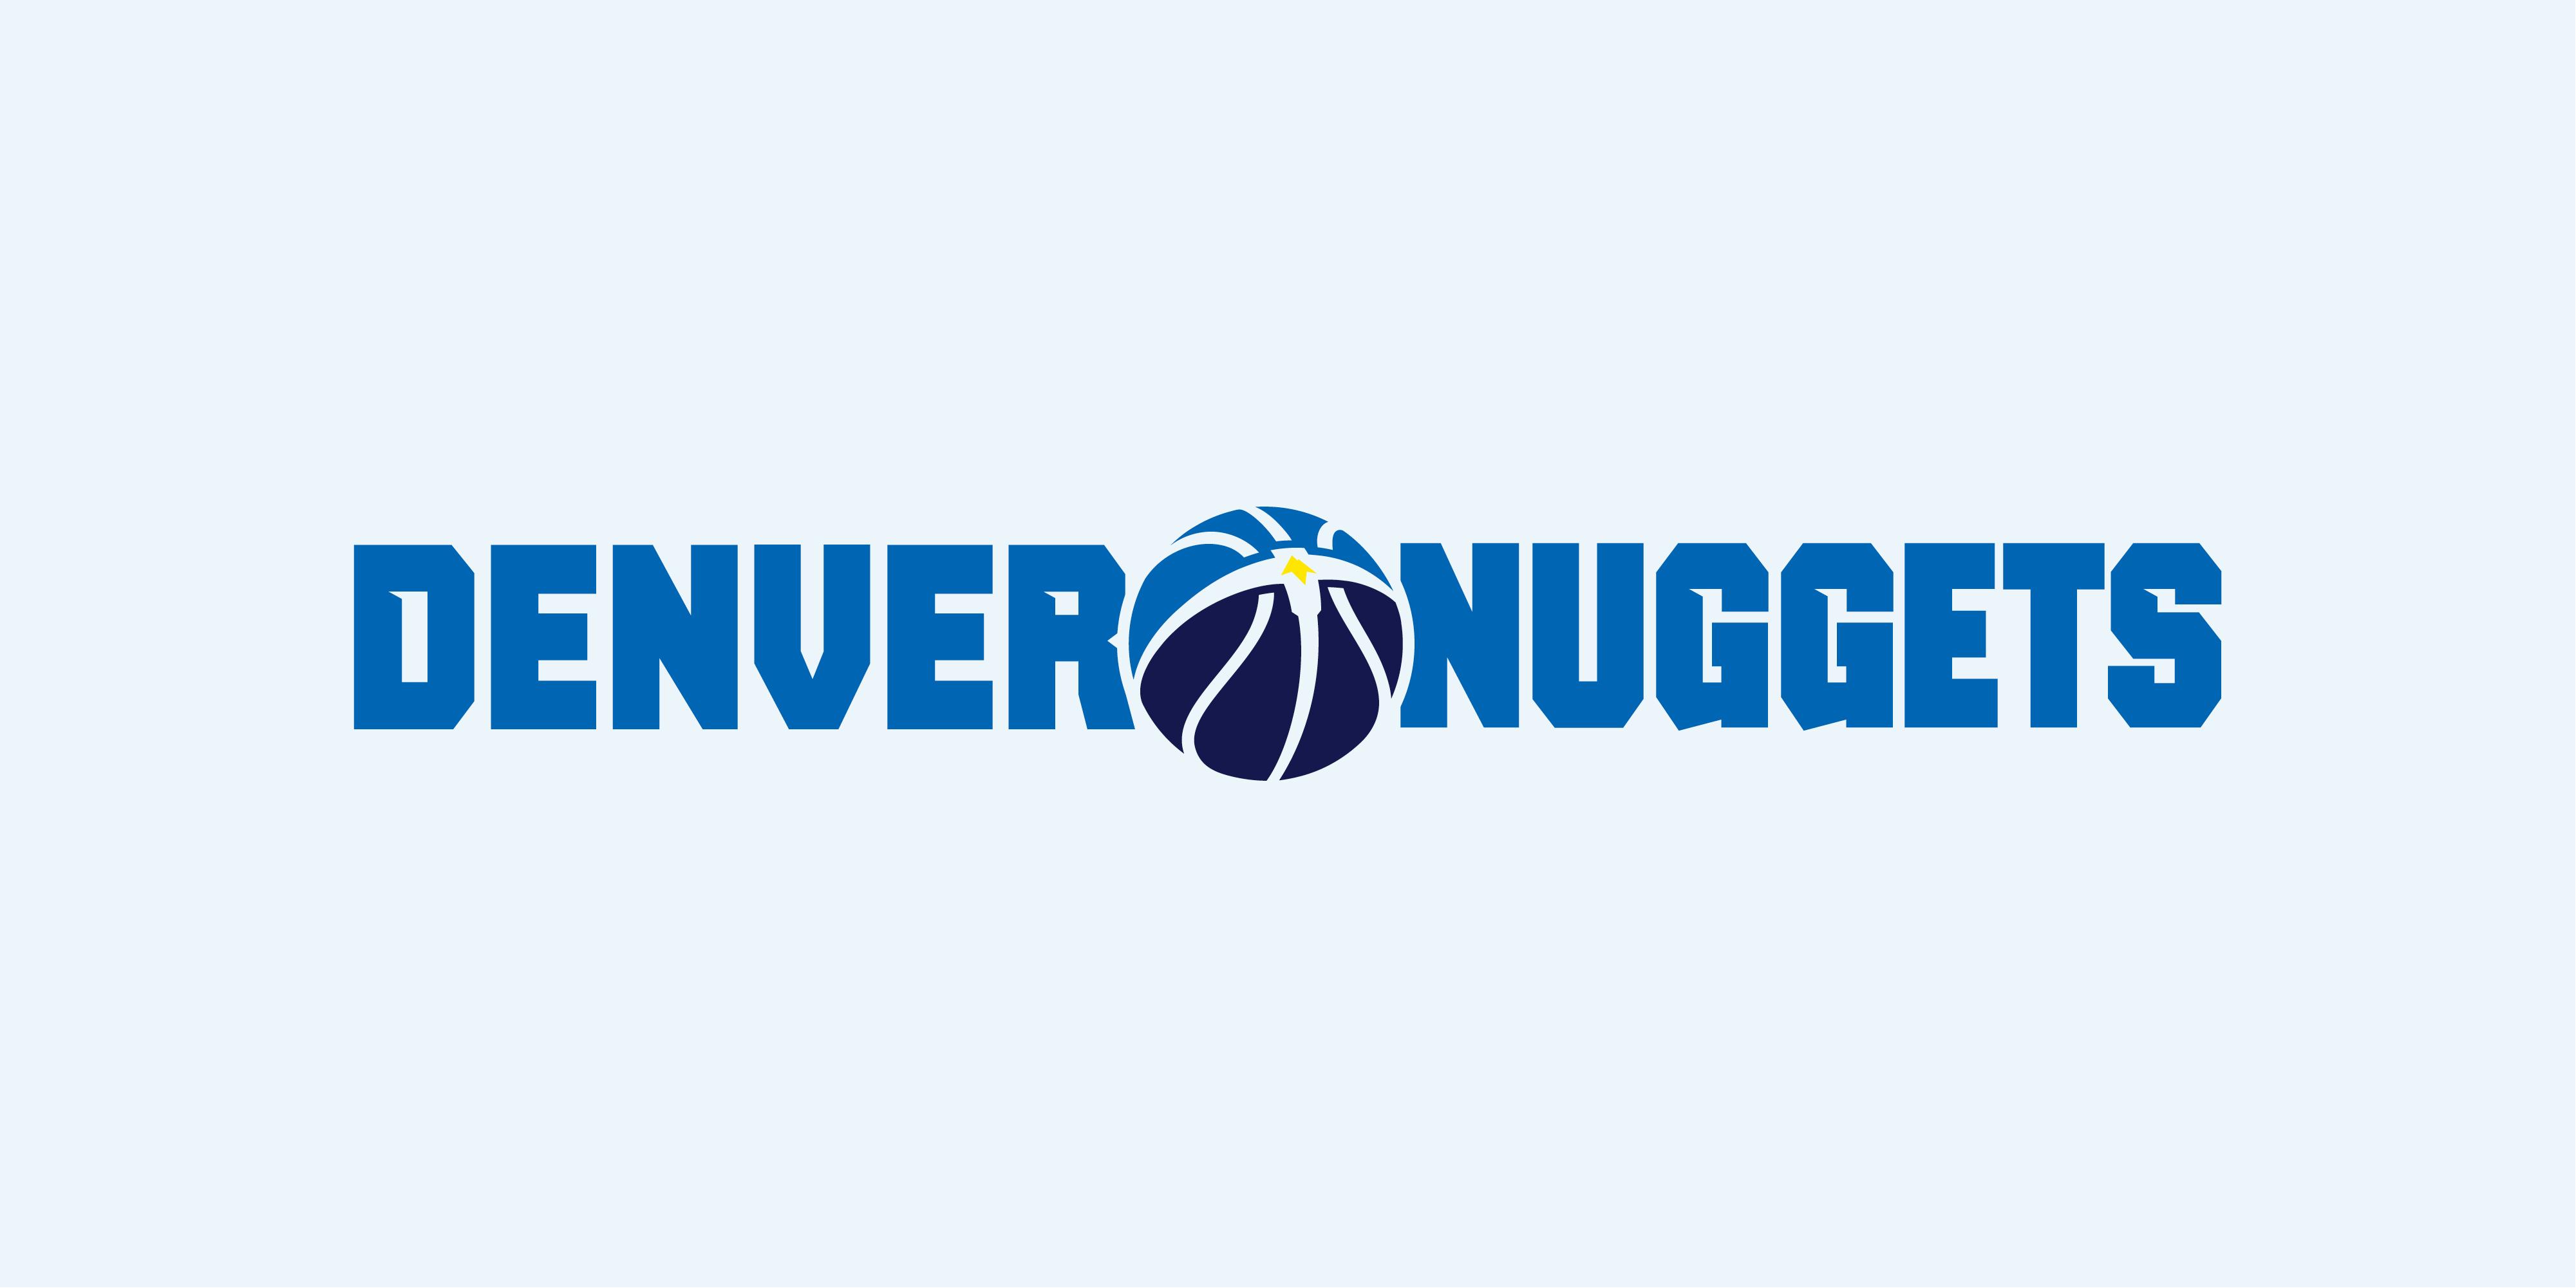 Denvernuggets designsystem4